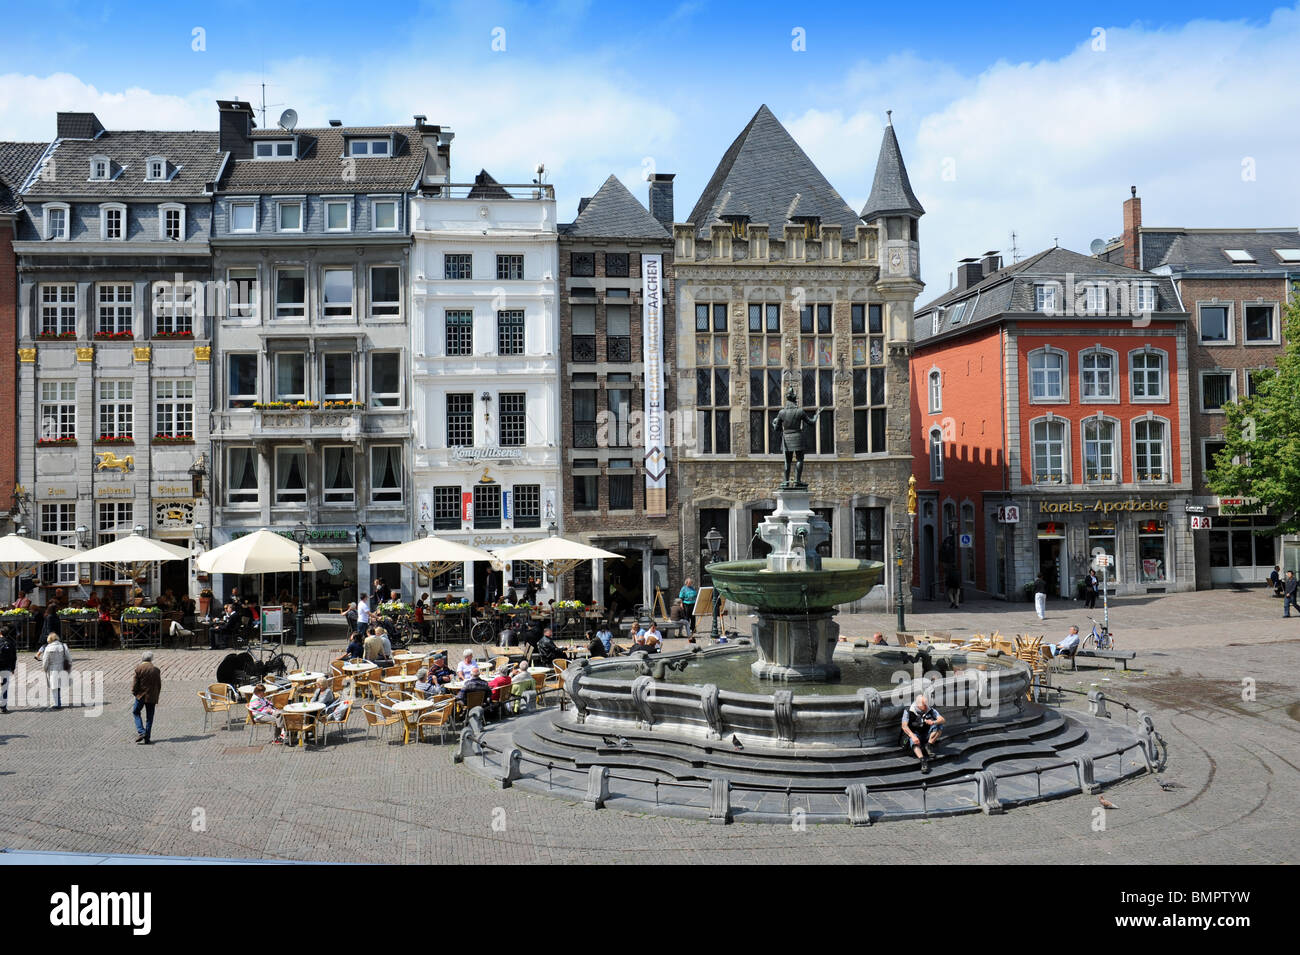 Anmelden Aachen